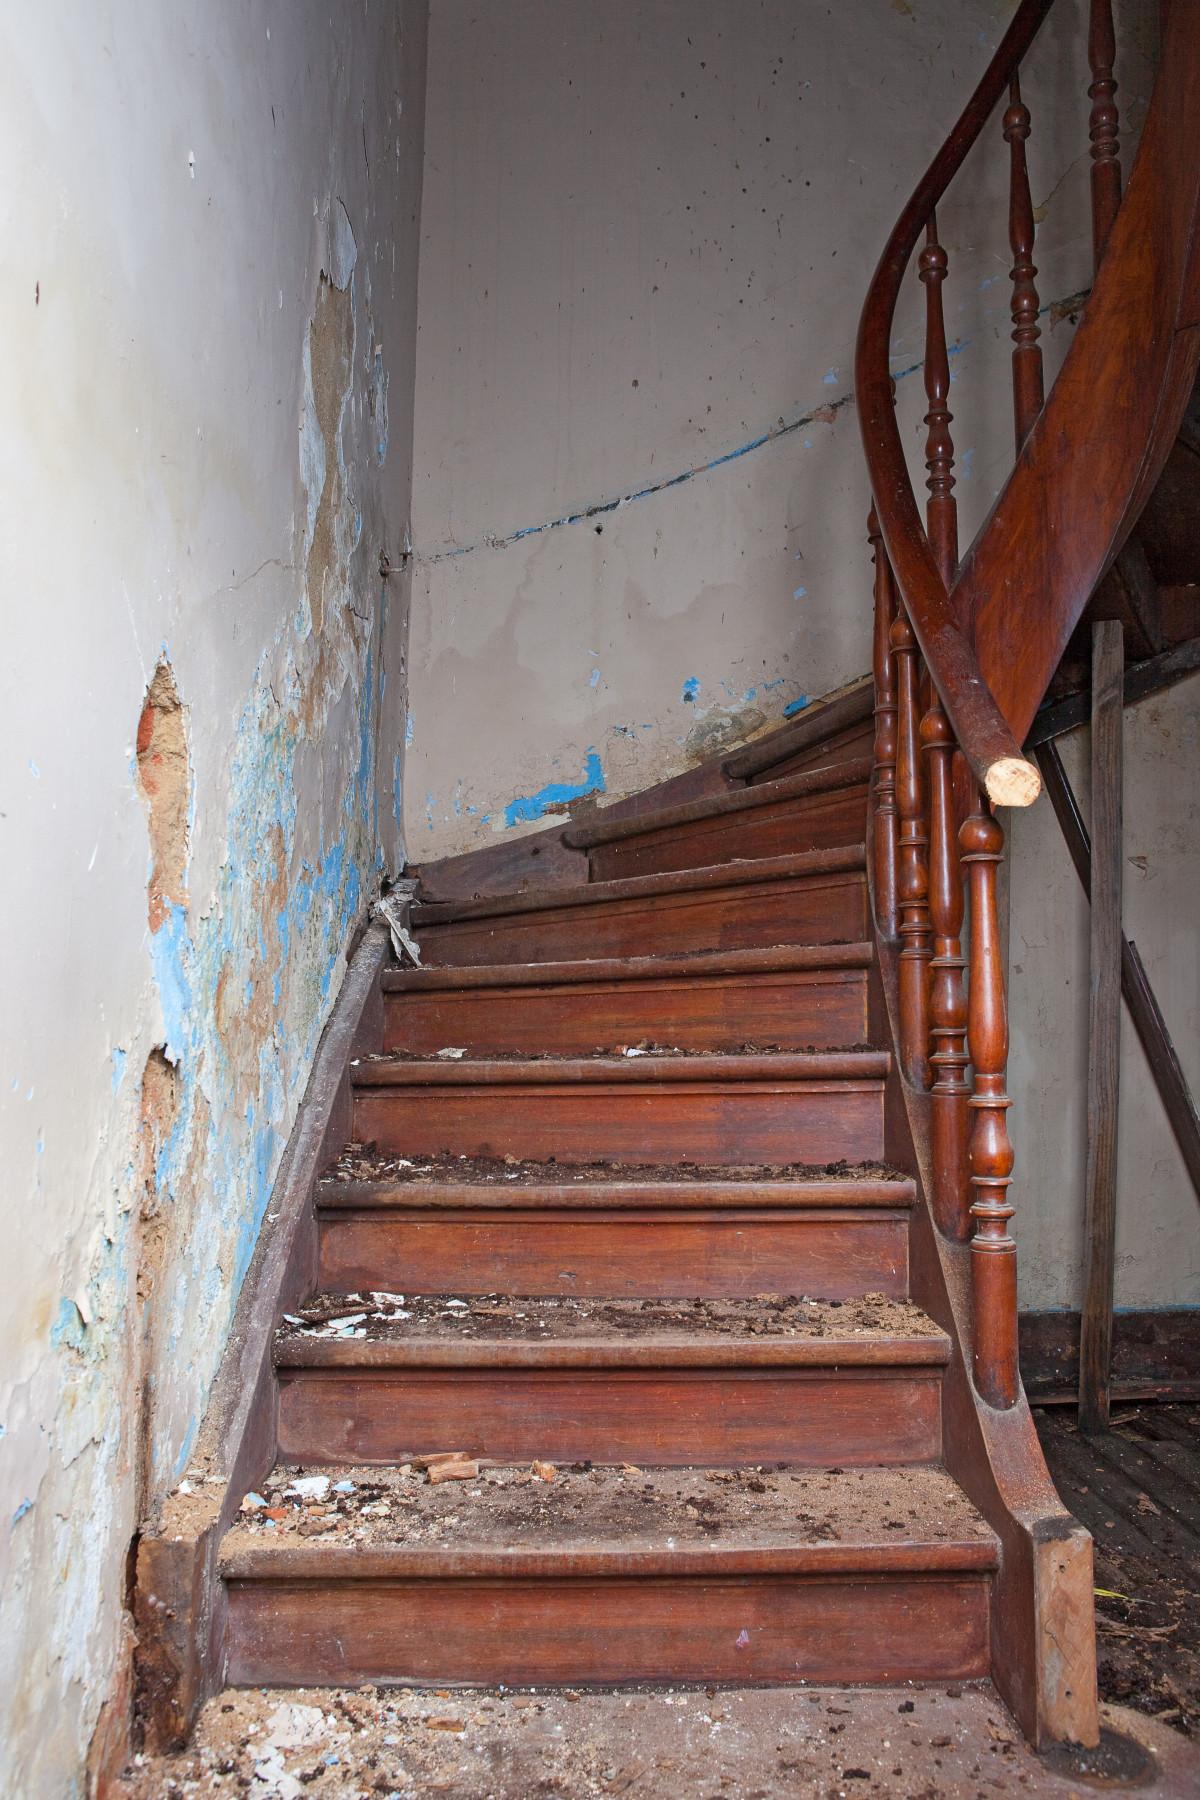 Spiksplinternieuw Gratis Afbeeldingen : hout, verdieping, muur, stappen, balk DB-72